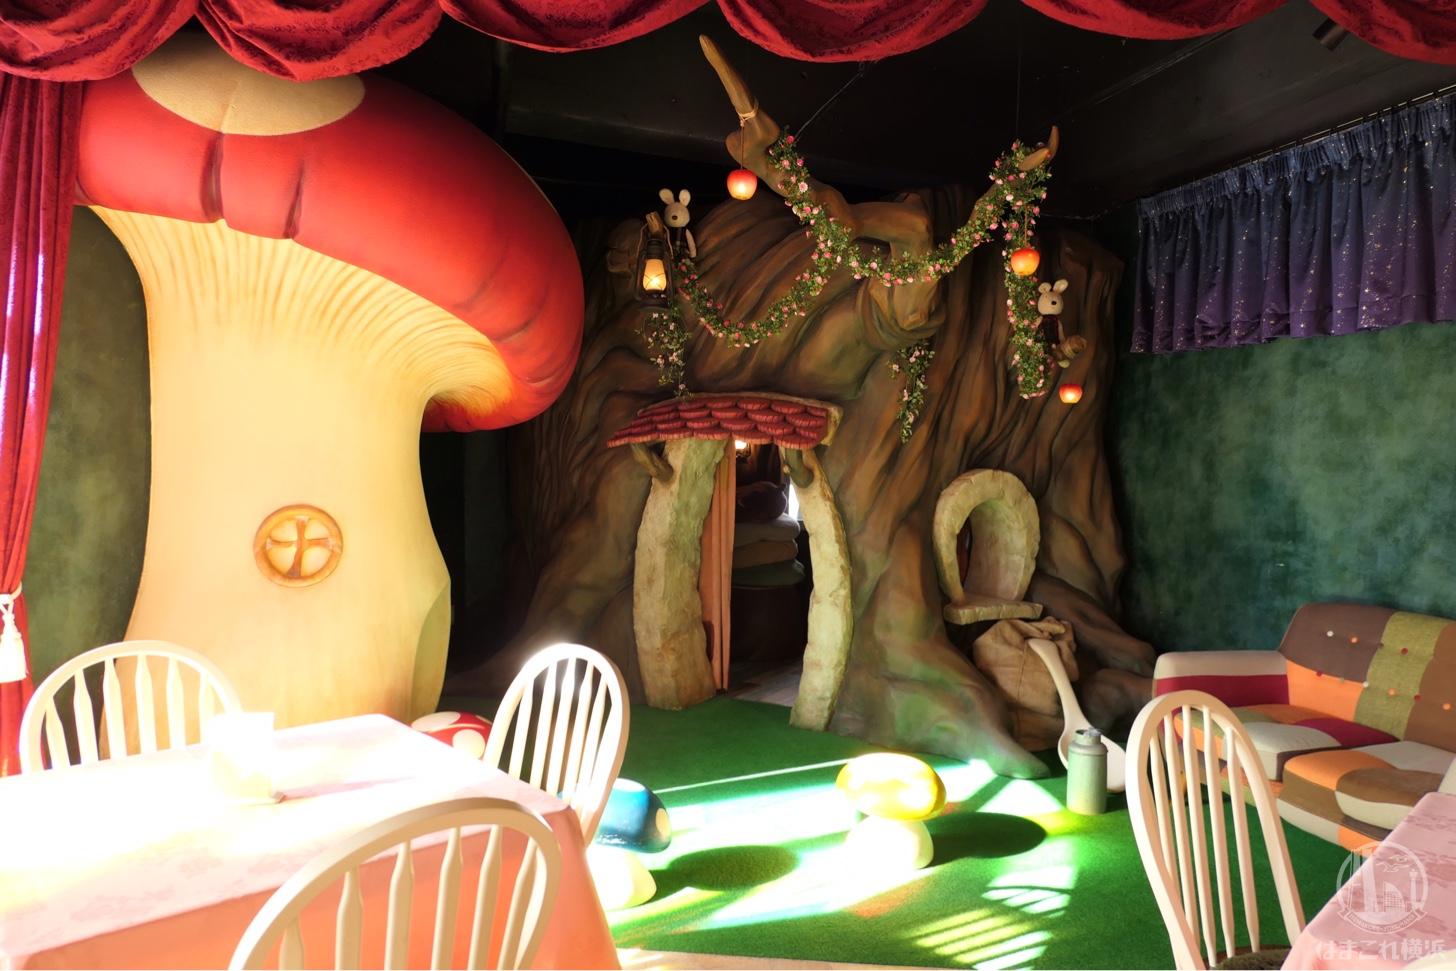 横浜元町に白雪姫カフェ誕生!セーブポイントの世界観に大人も子ども魅了